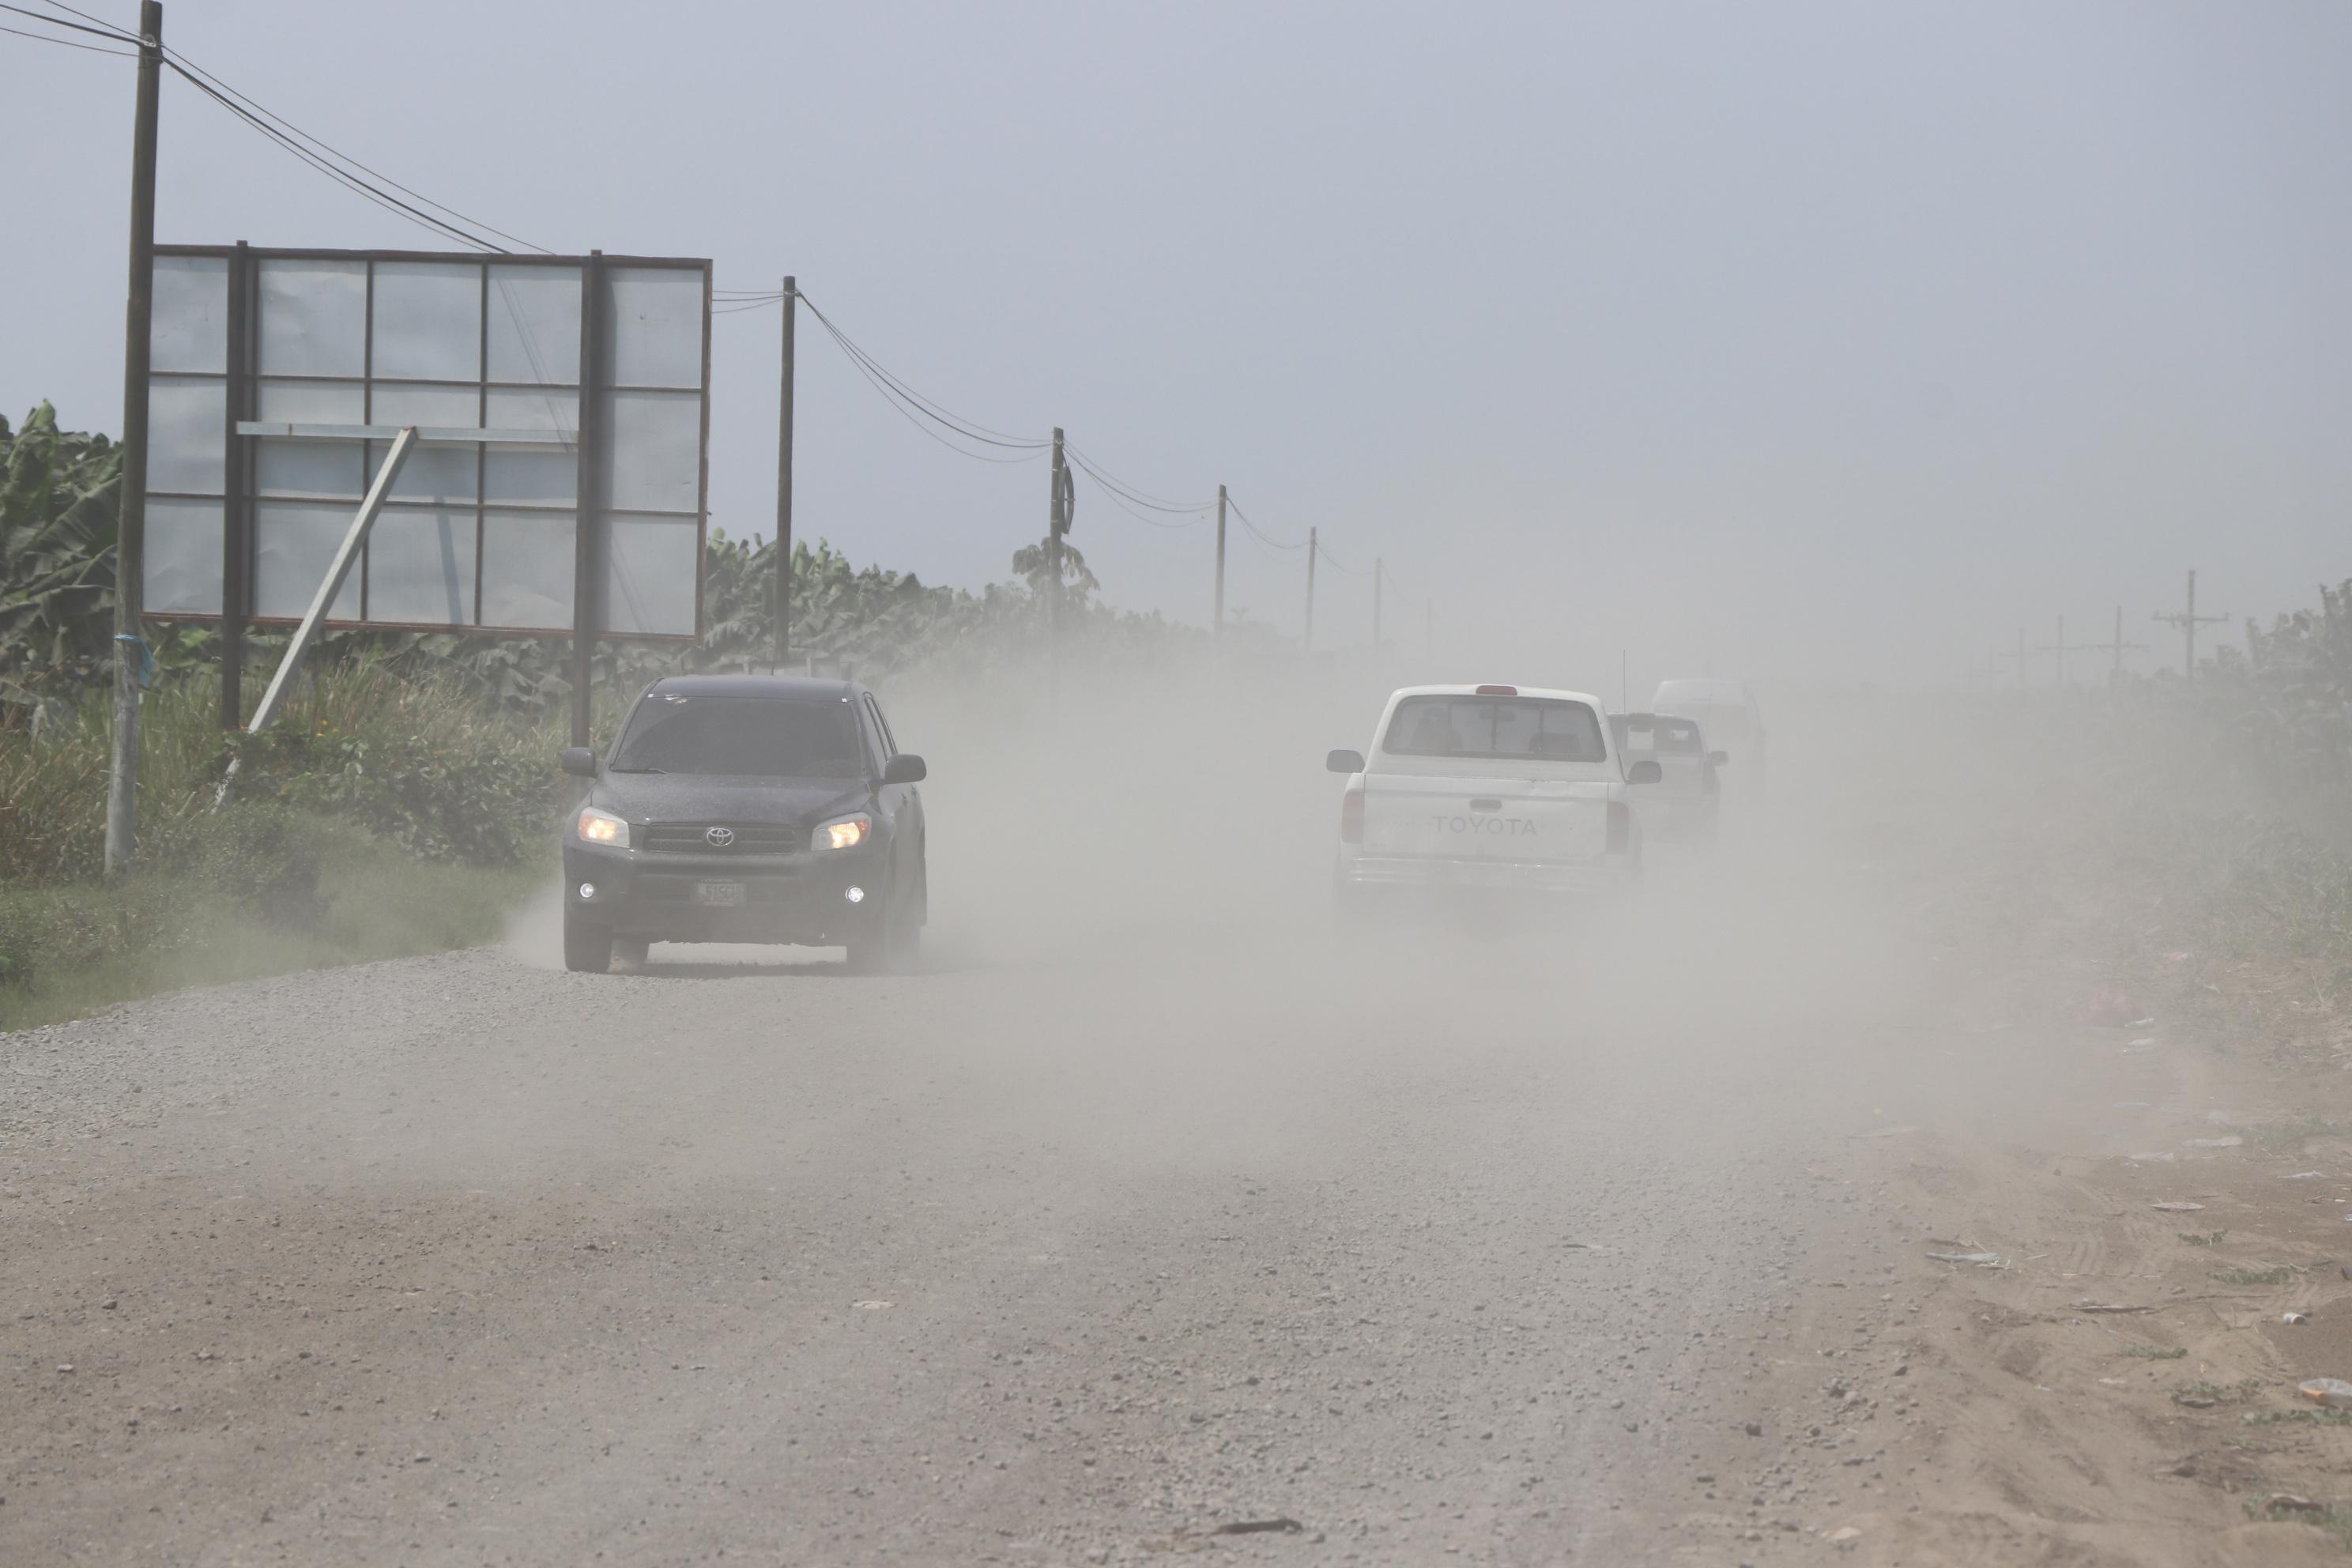 Nubes de polvo levantan vehículos, principalmente, principalmente picops o camionetas, en las rutas que aún no son de terracería, en San Marcos. (Foto Prensa Libre: Whitmer Barrera)